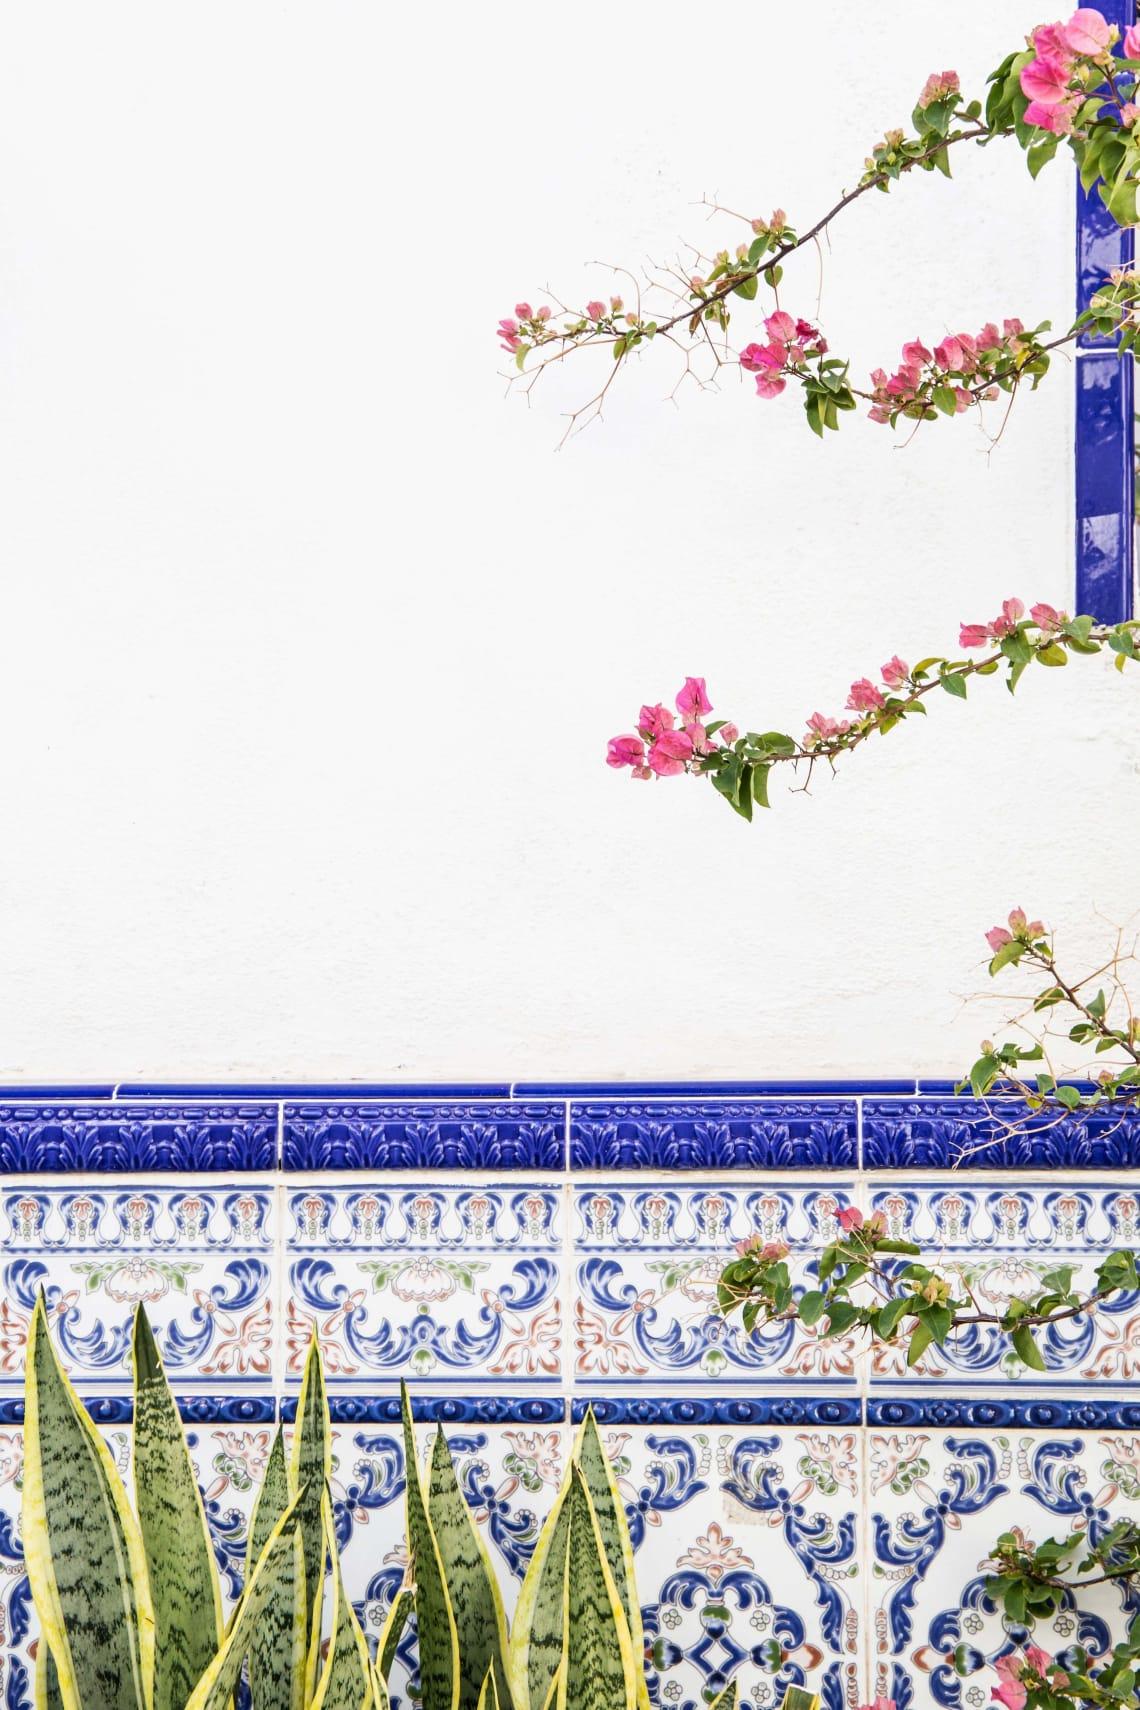 Tile detail, Spain